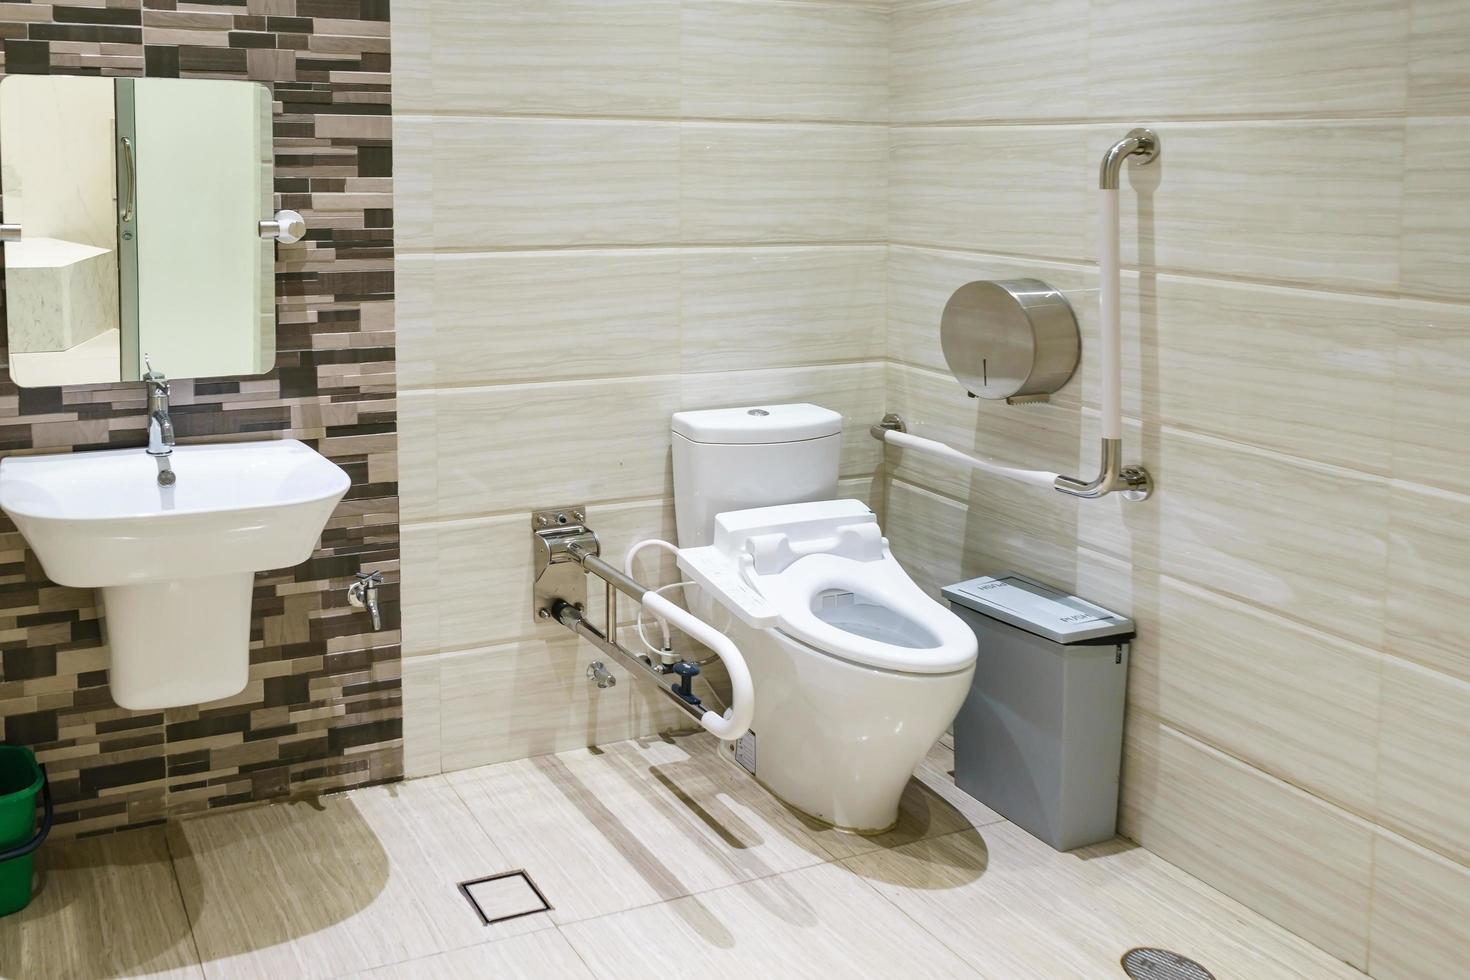 interno del bagno per disabili o anziani. corrimano per disabili e anziani in bagno foto